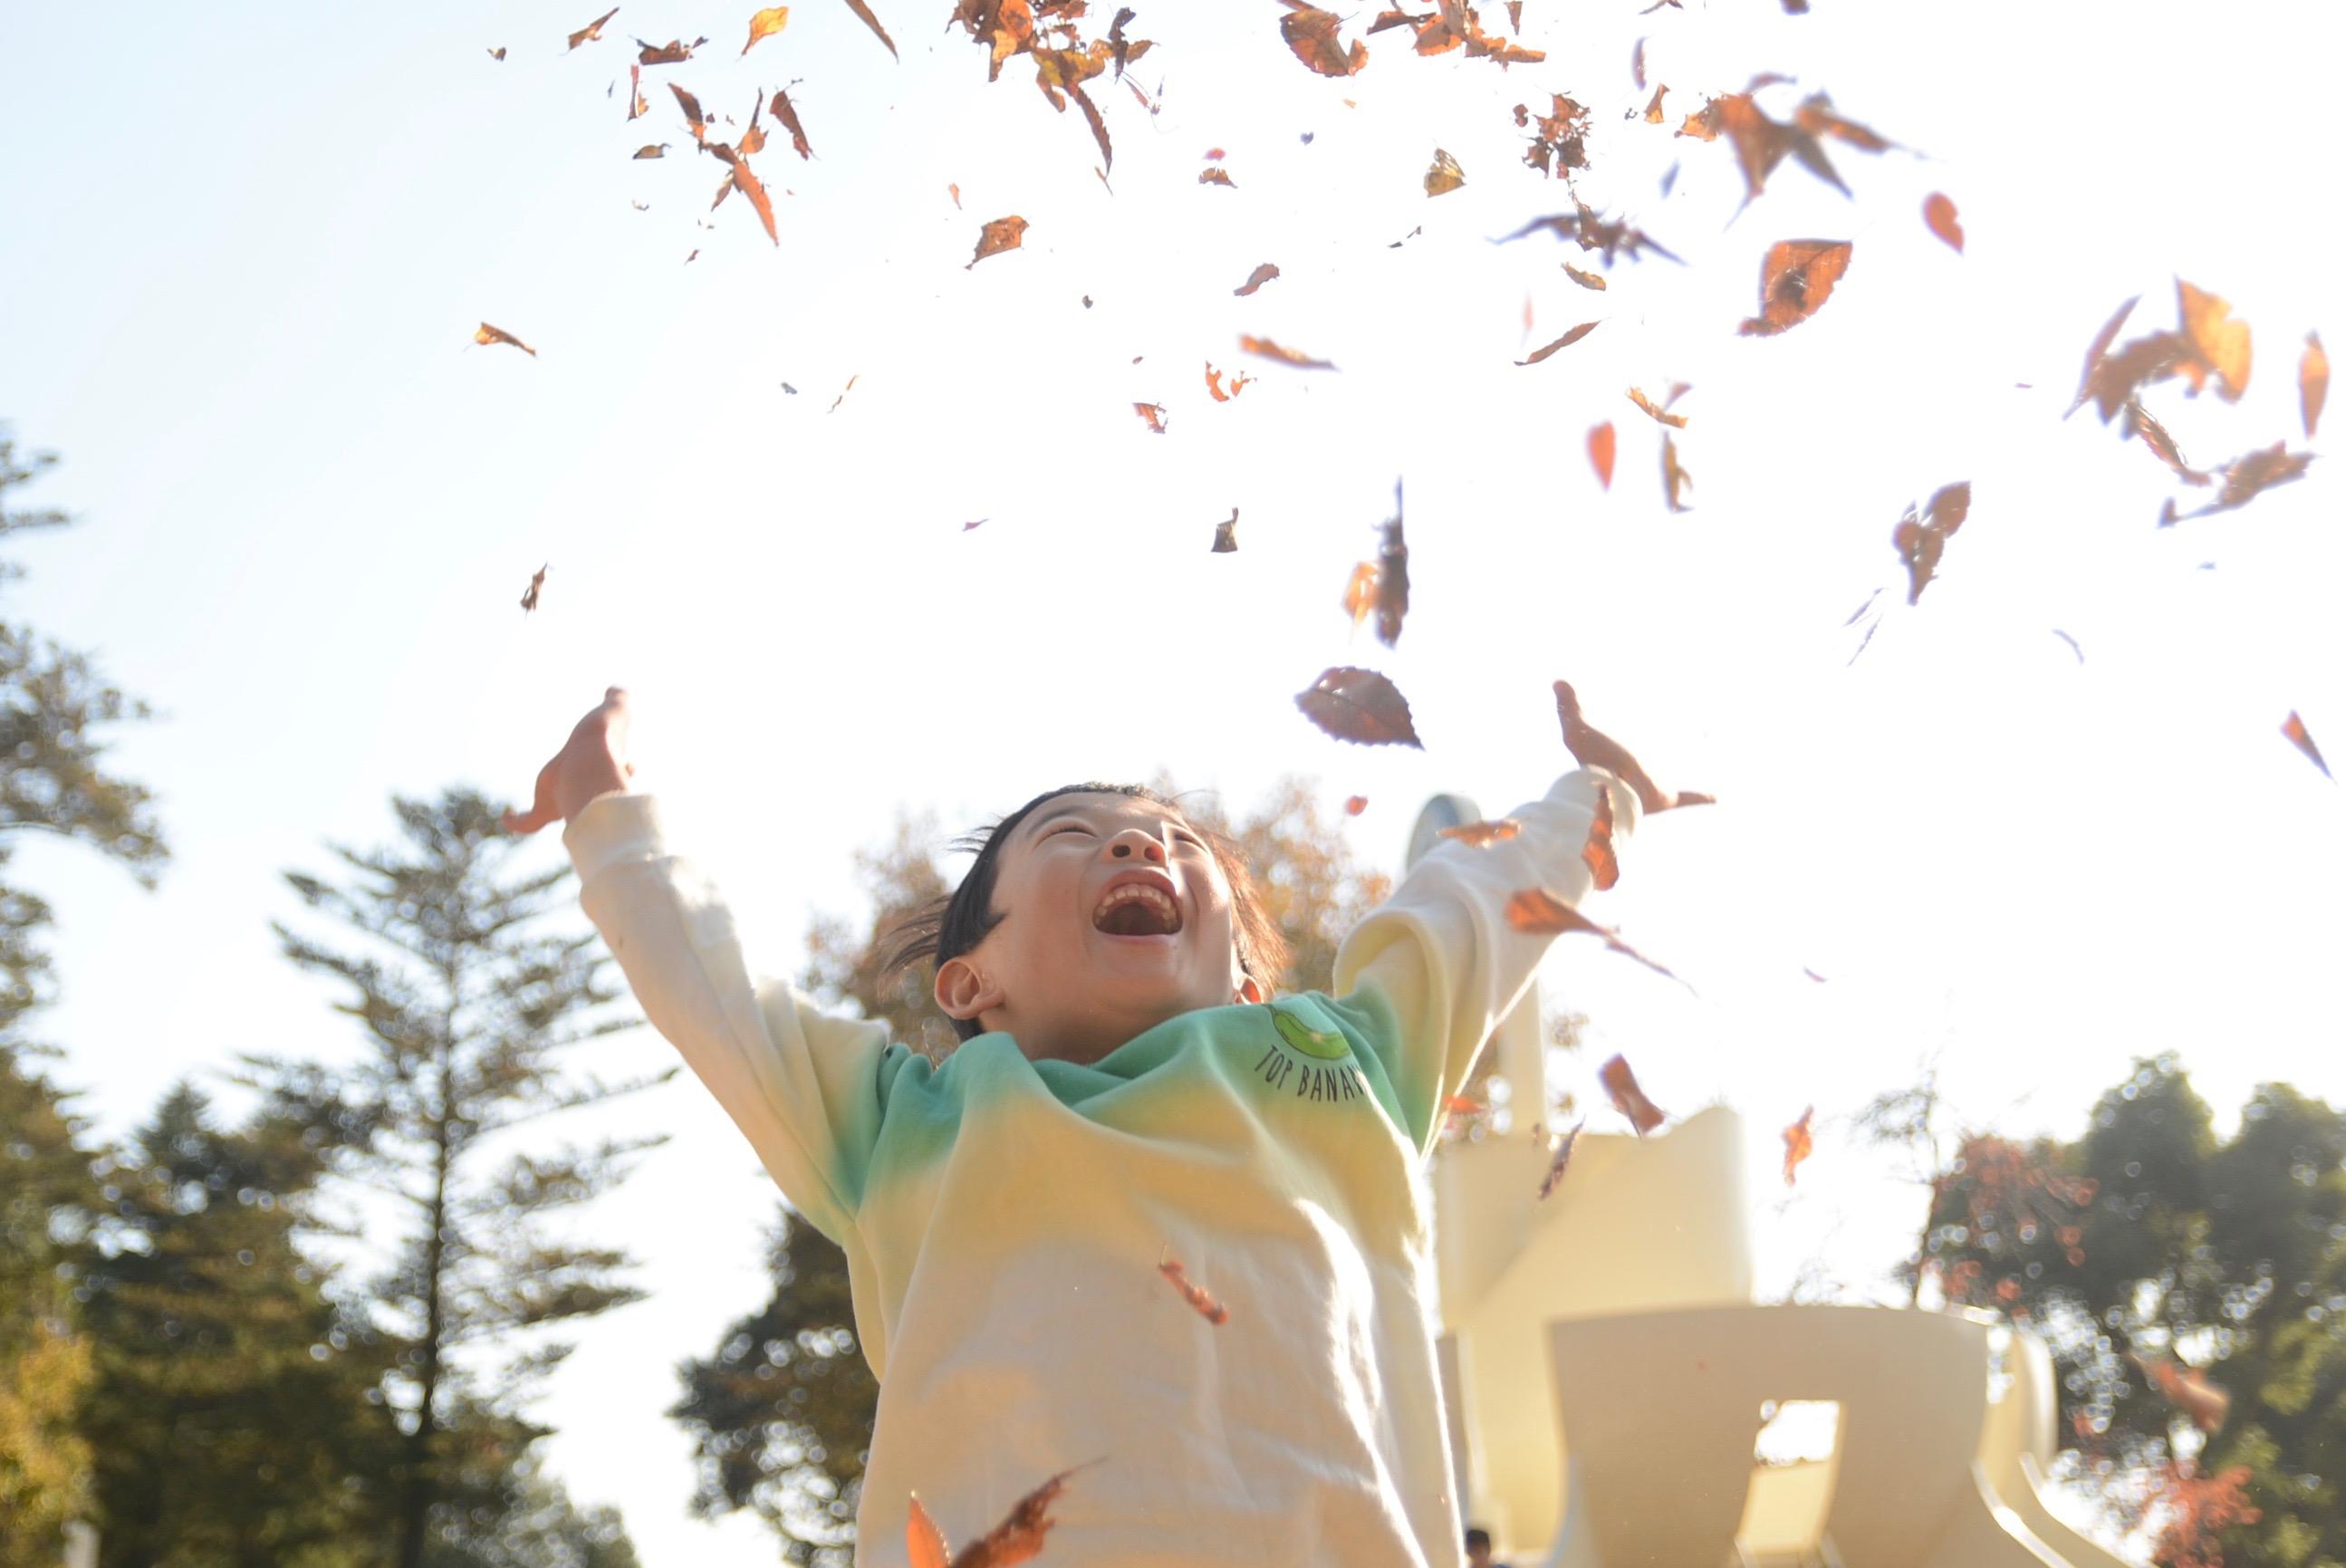 子供の写真の撮り方。連写モードで落ち葉を投げる瞬間を撮る。